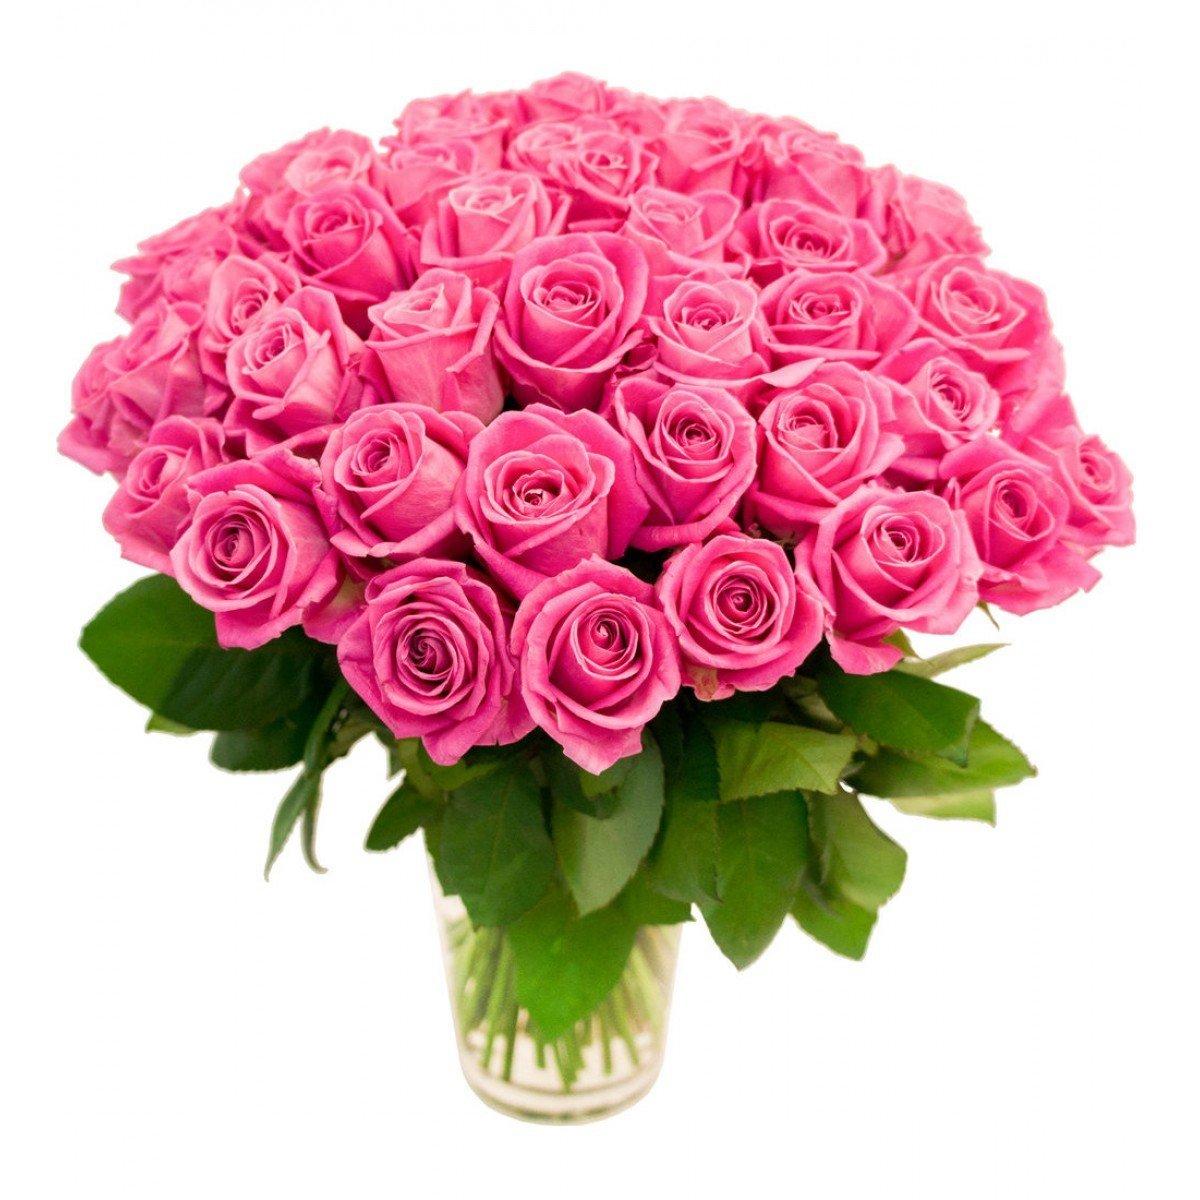 Оптом срезанных, заказ цветов на дом златоуст